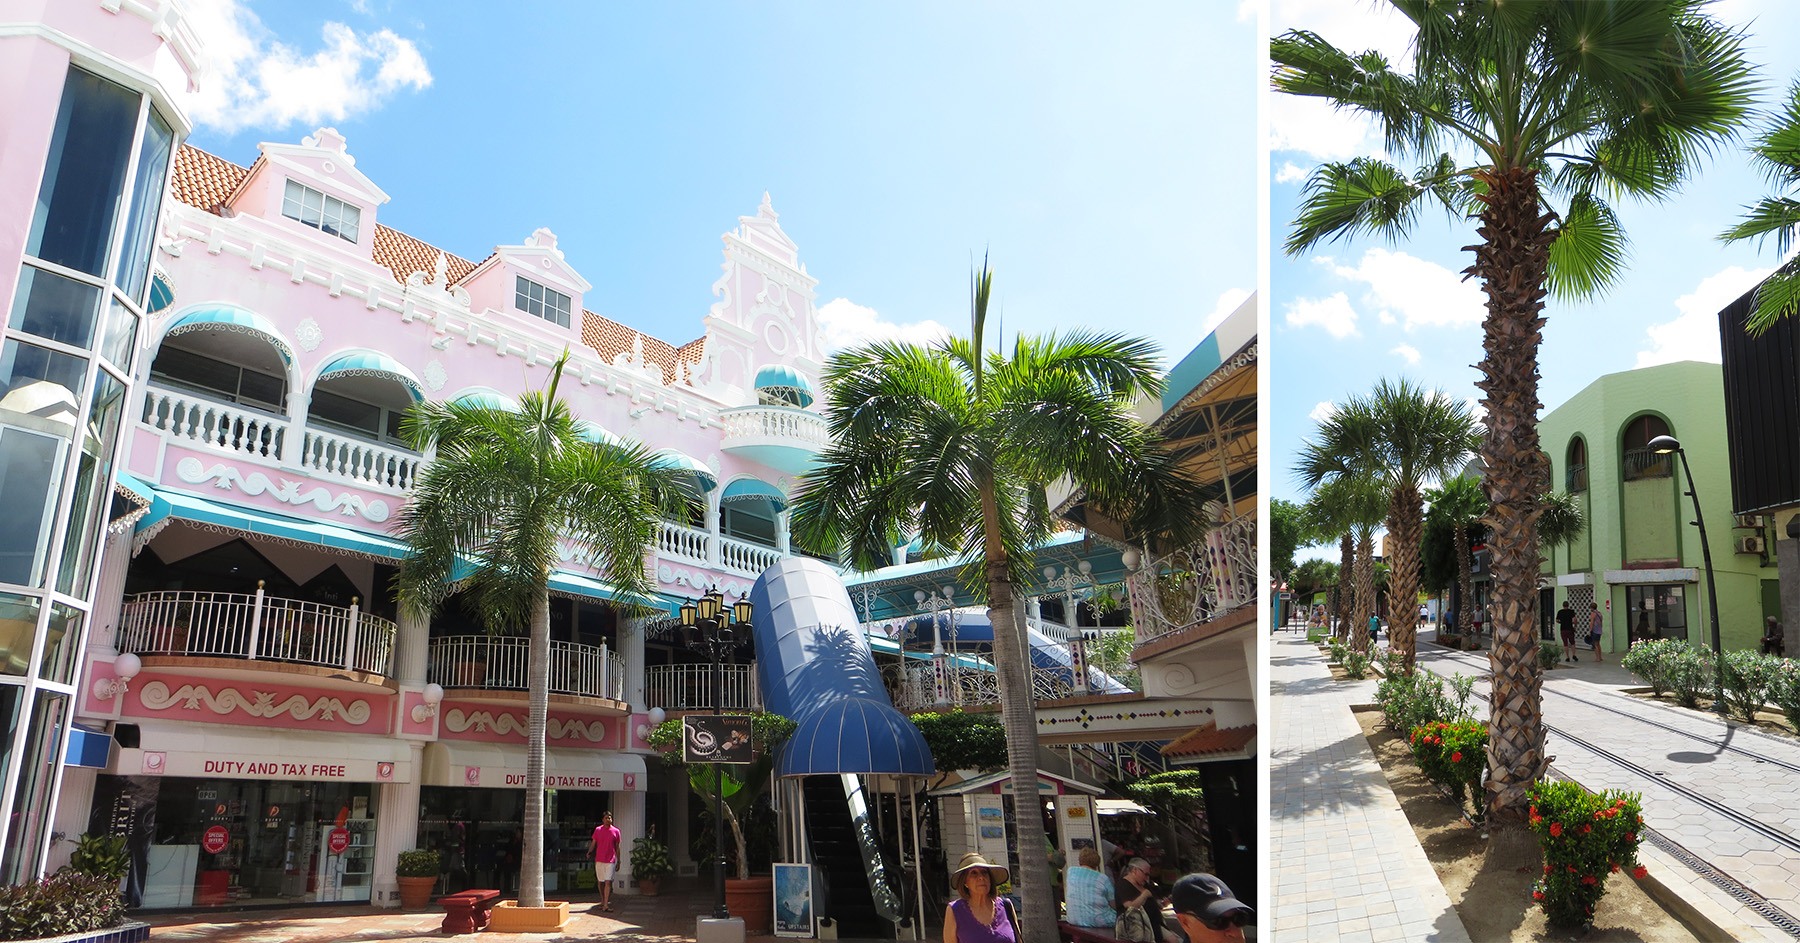 Karibik Kreuzfahrt Aruba Oranjestad Stadtrundgang